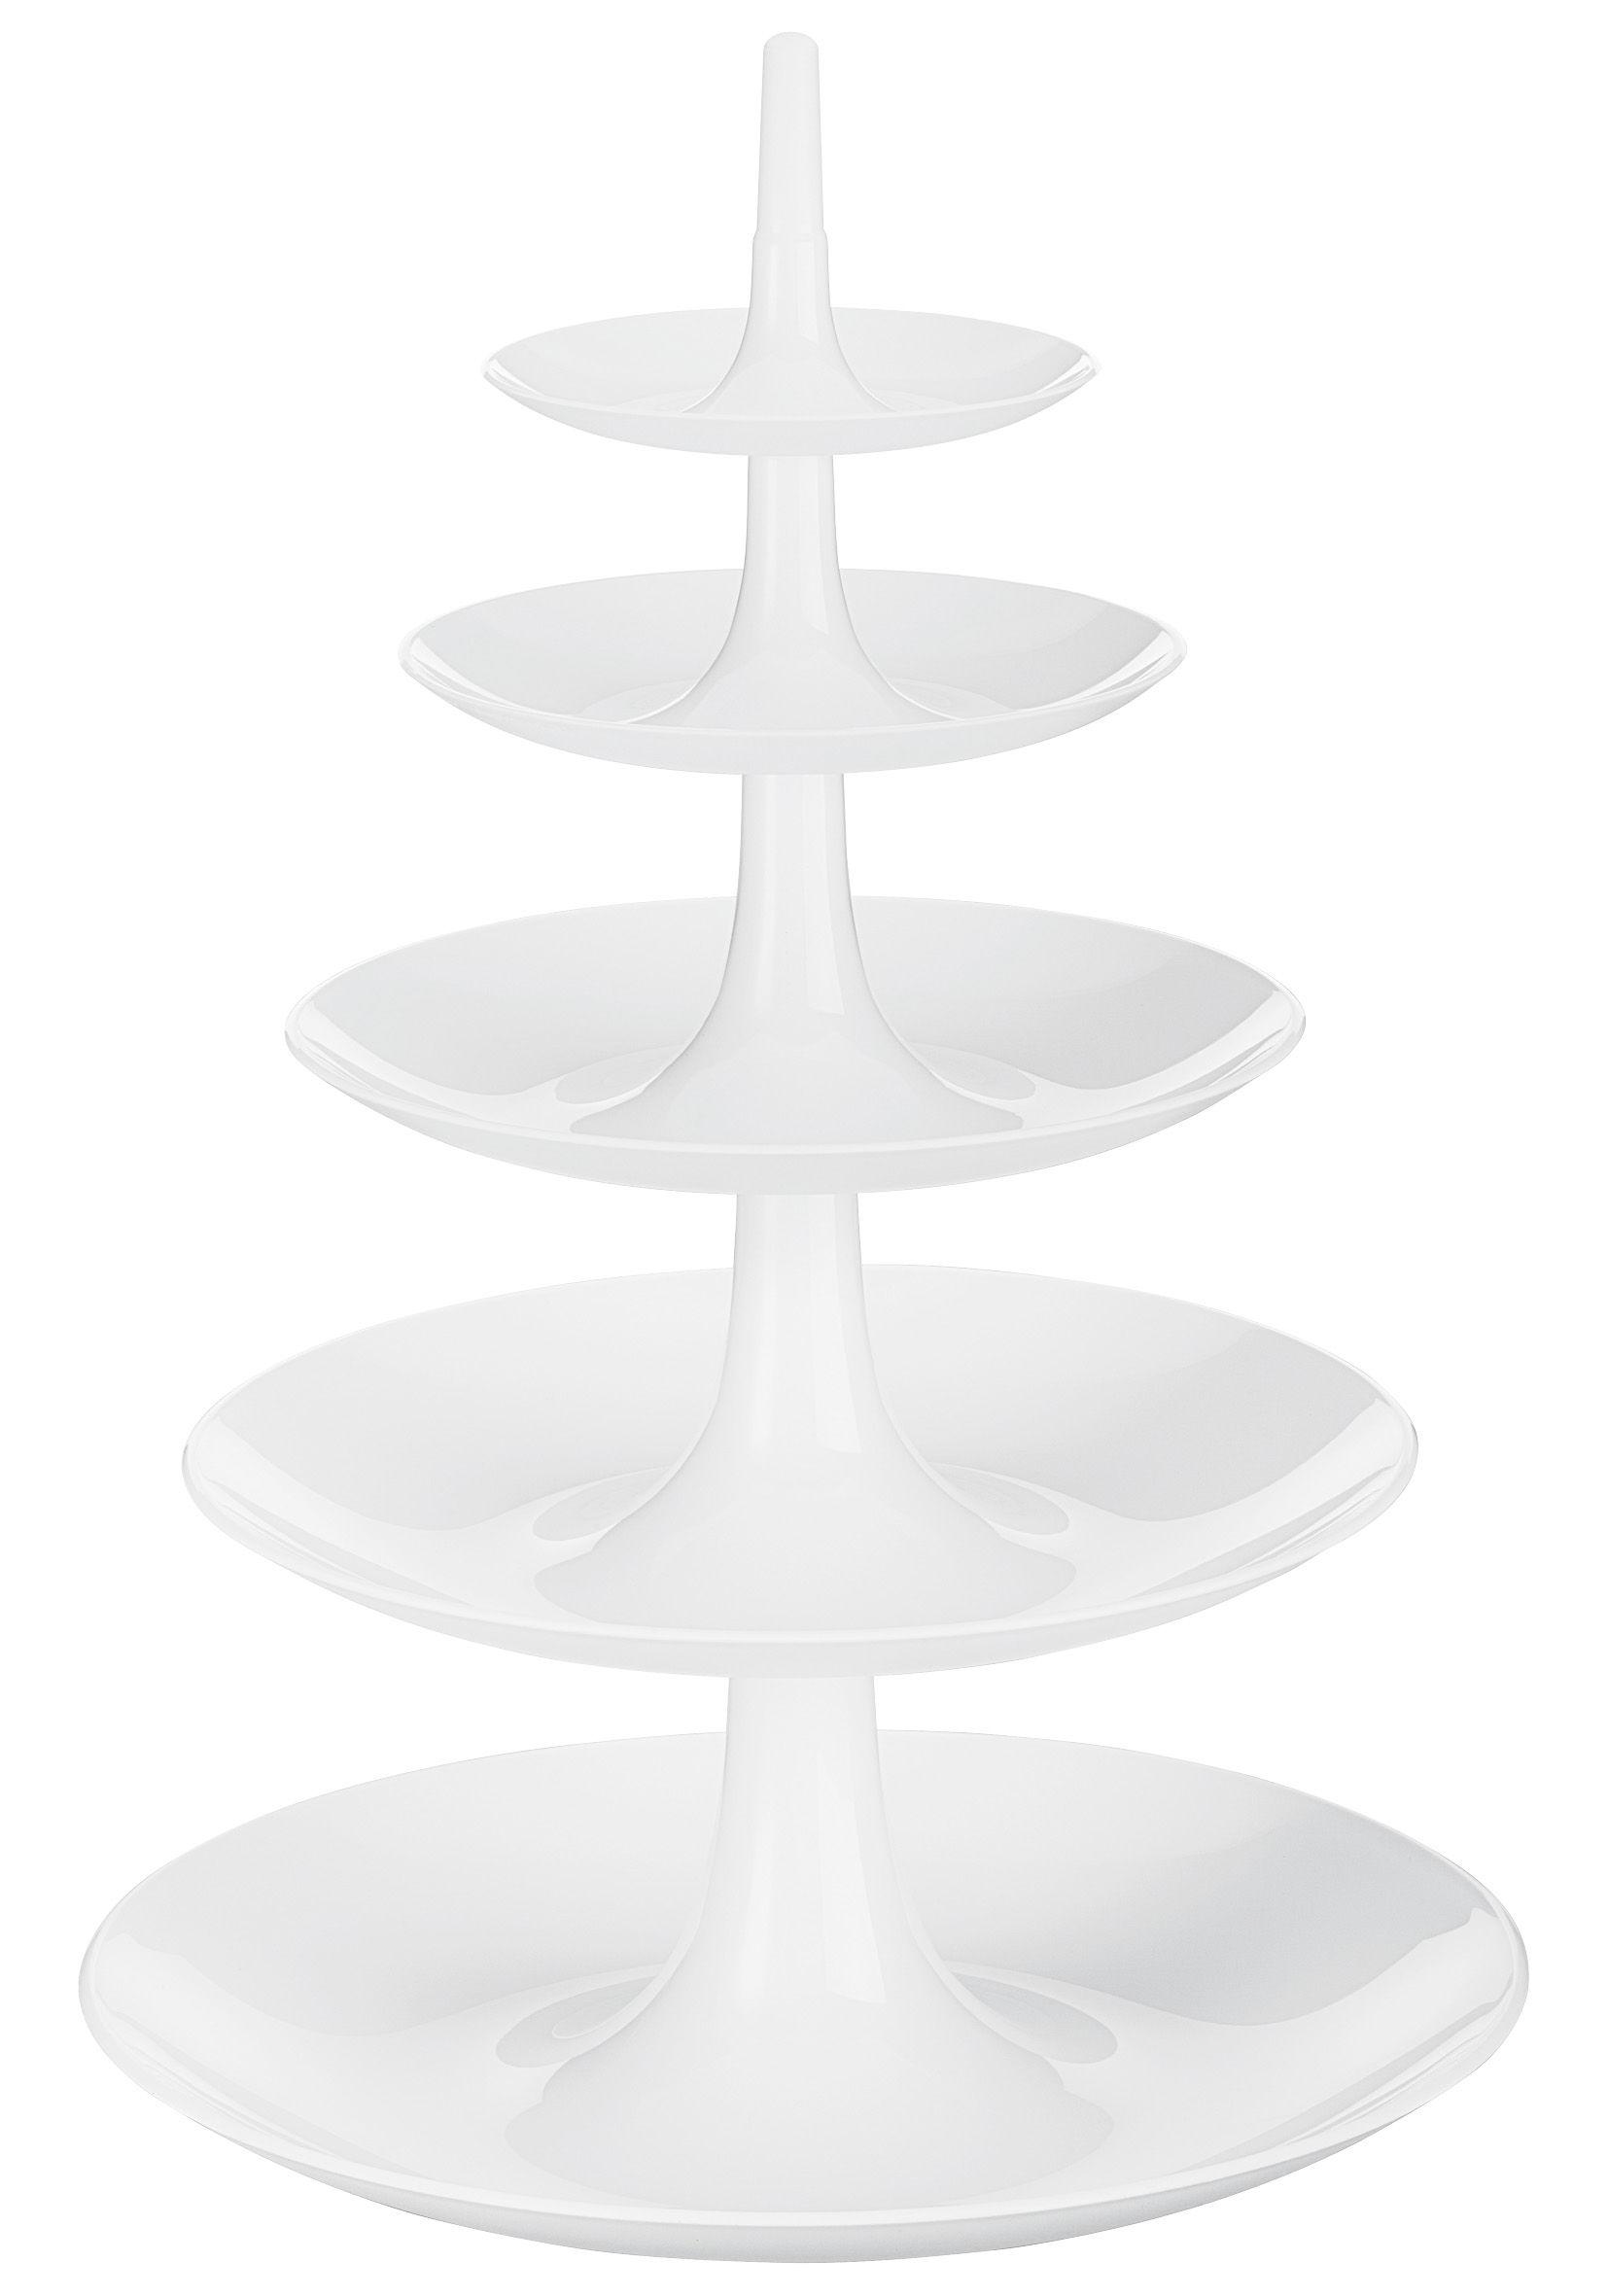 Küche - Einfach praktisch - Babell XXL Servierplatte - Koziol -  - Polykarbonat